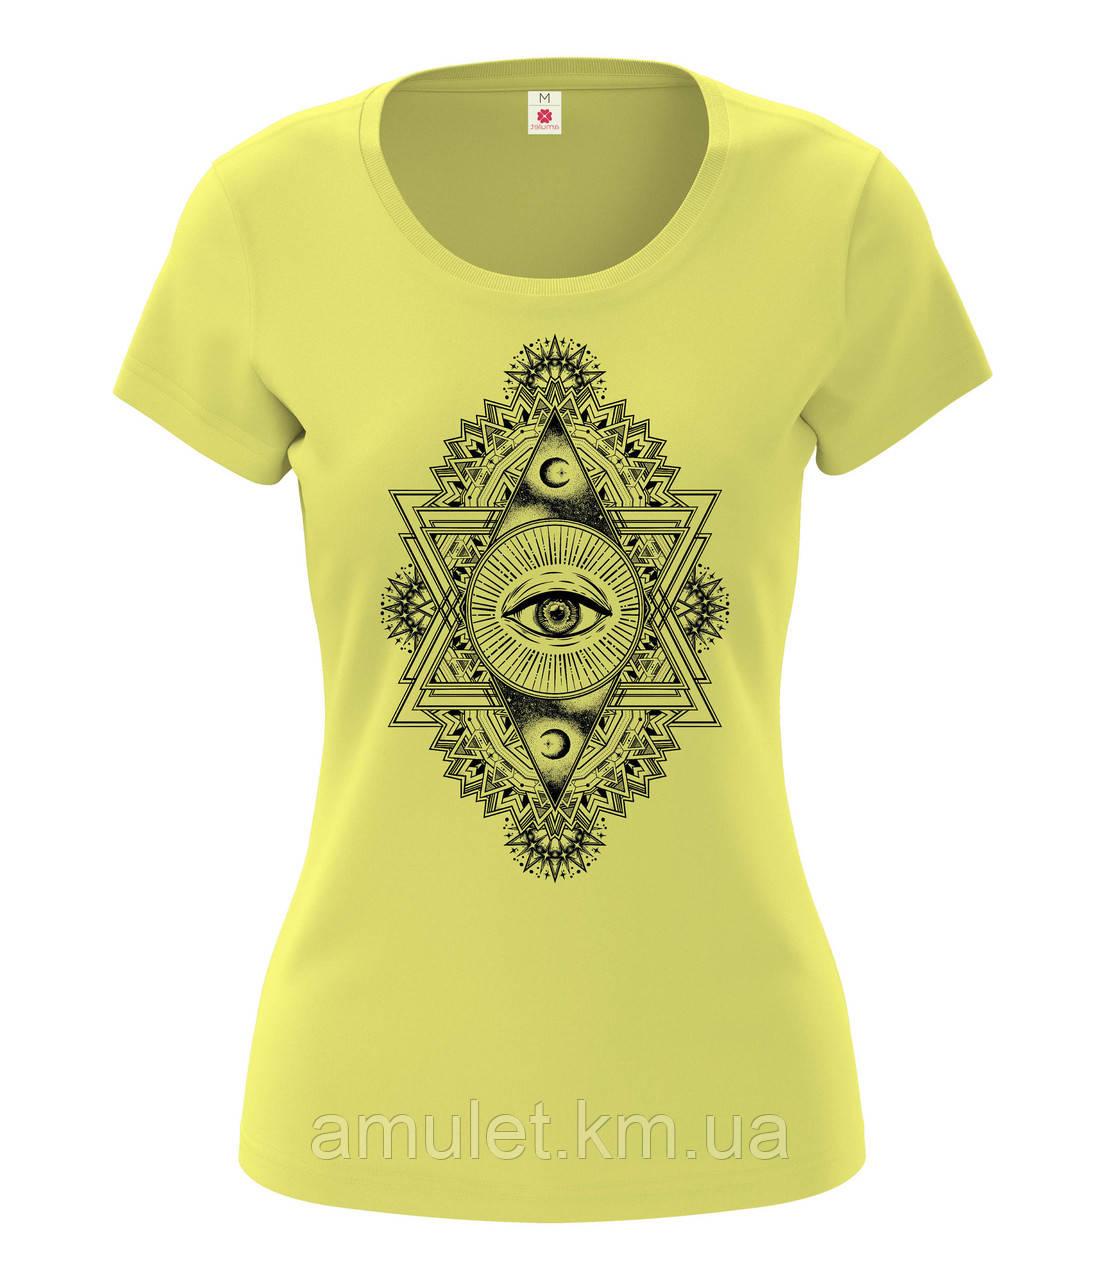 """Футболка жіноча """"Третє око"""" жовтий, L"""